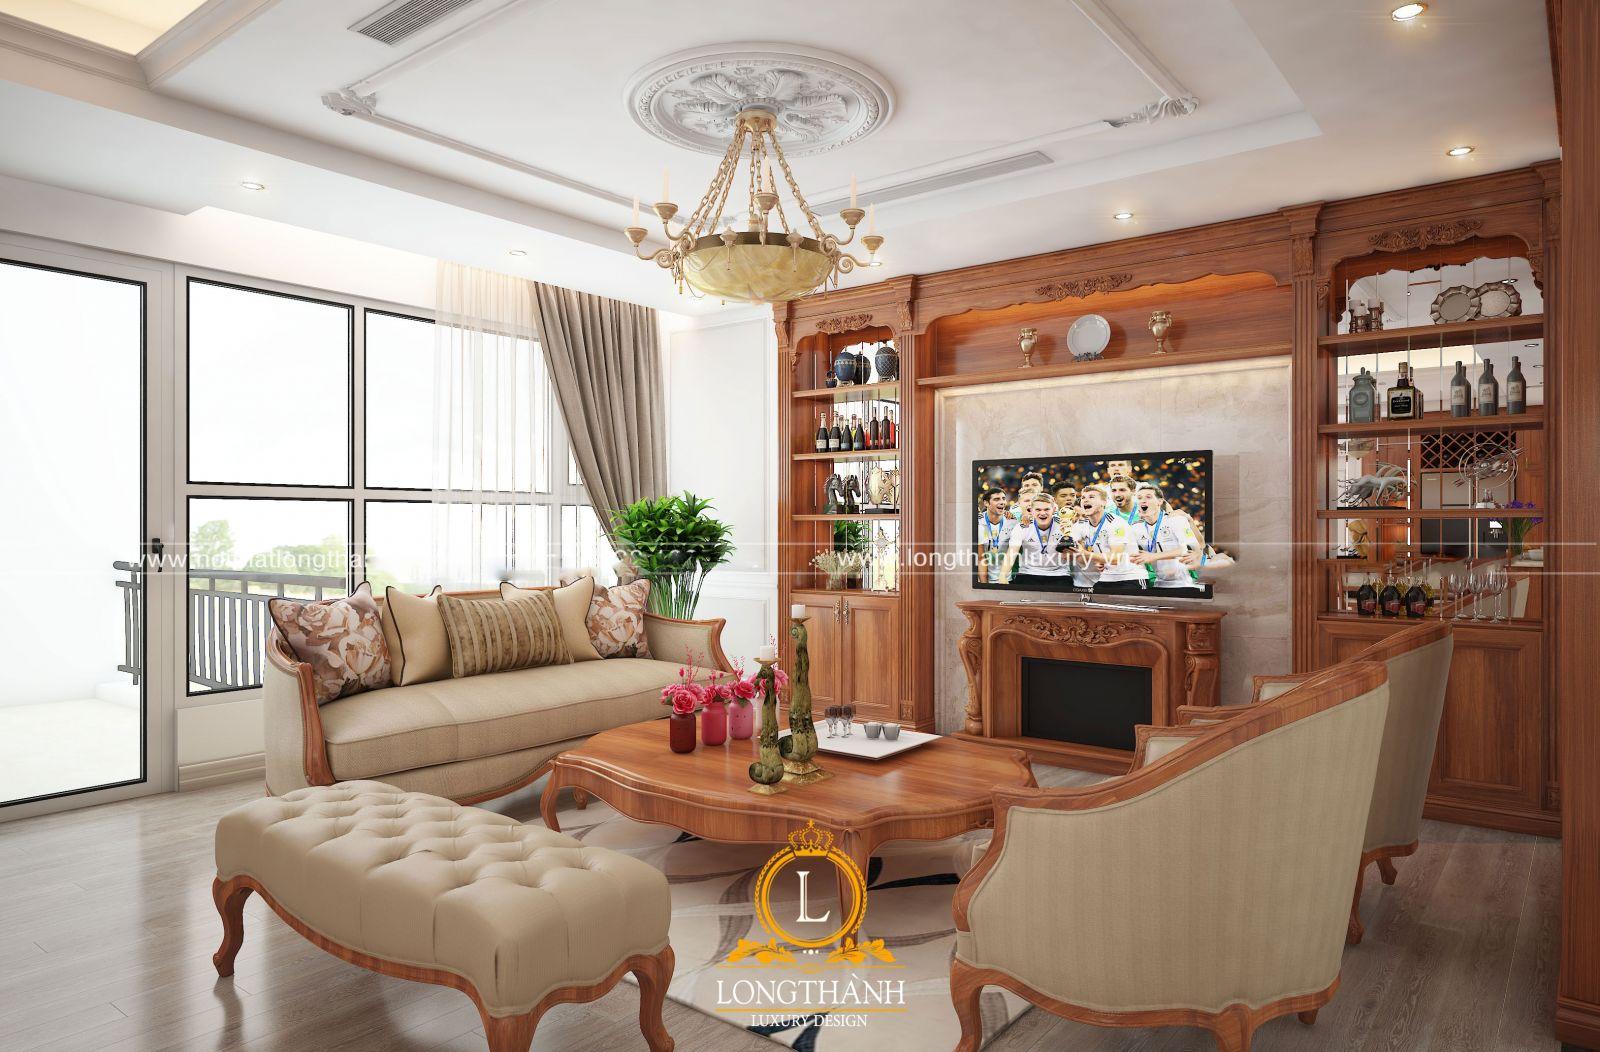 Không gian phòng khách nhỏ đẹp  với thiết kế nhẹ nhàng